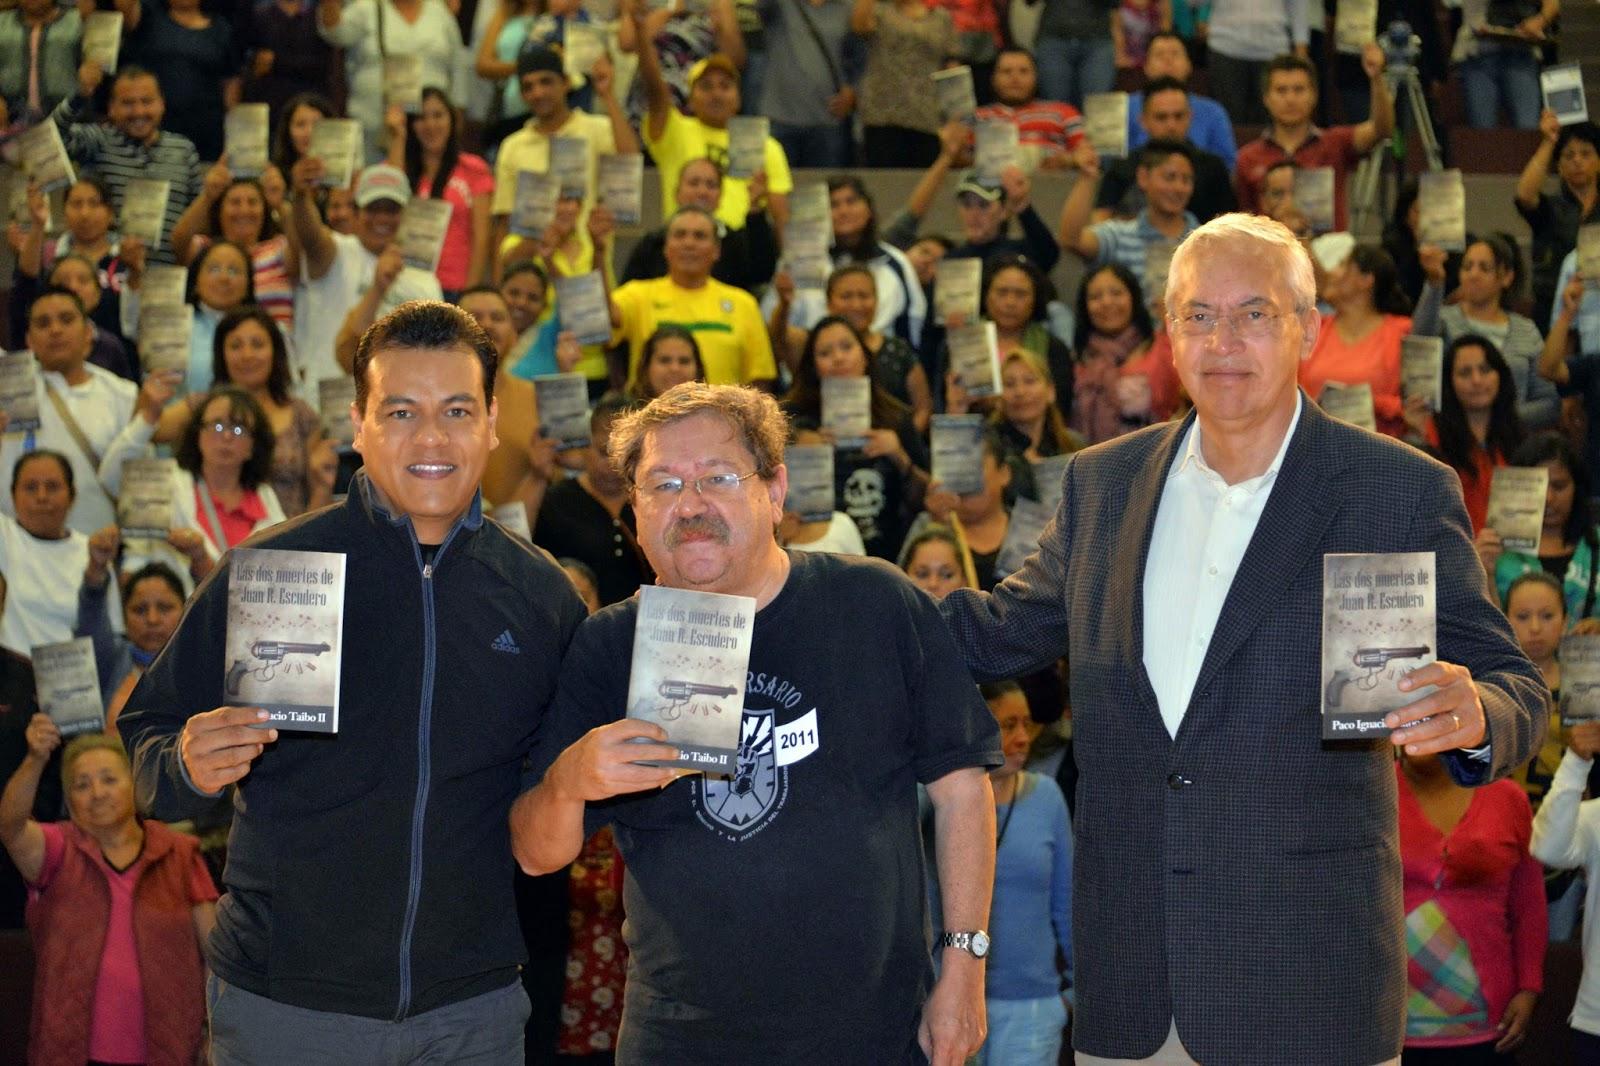 Imagen de Regalar�n en Neza libro de Paco Ignacio Taibo II;  habr� concurso literario